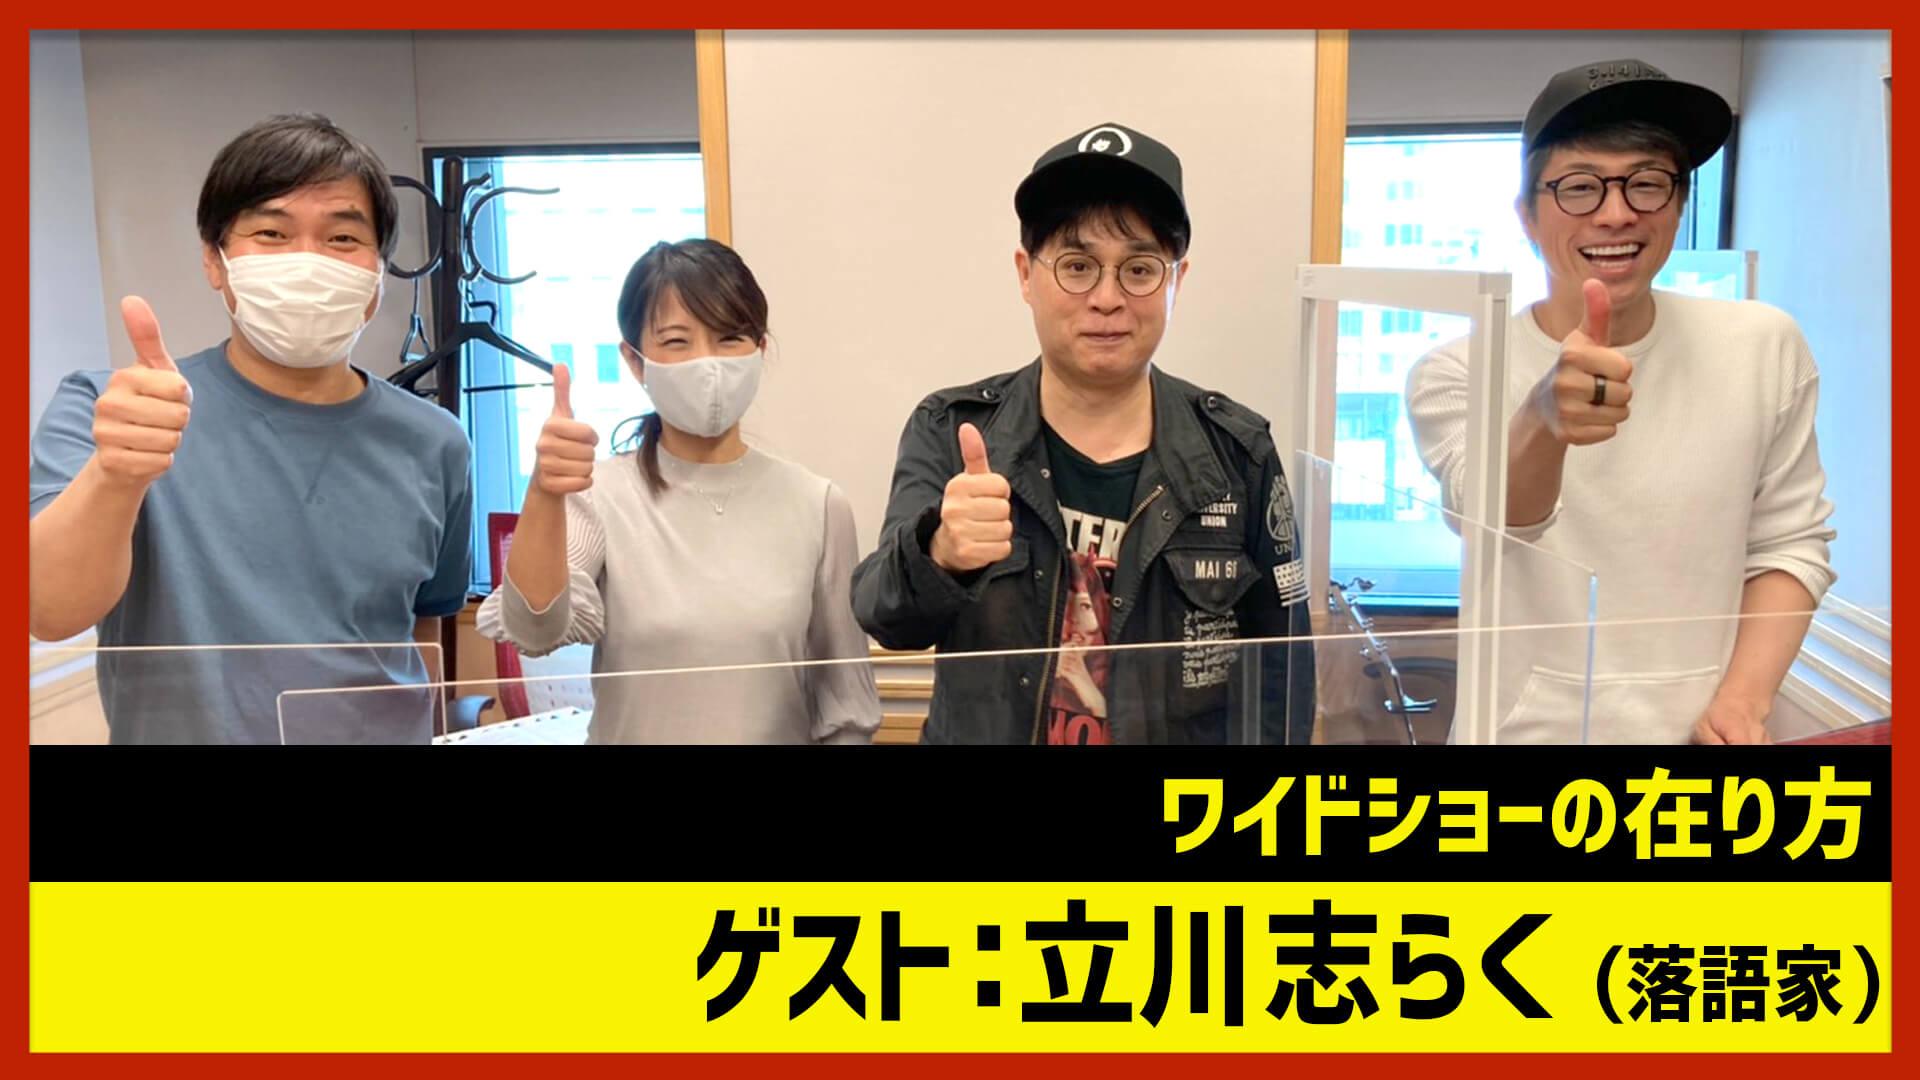 【田村淳のNewsCLUB】ゲスト: 立川志らくさん(2021年5月1日後半)